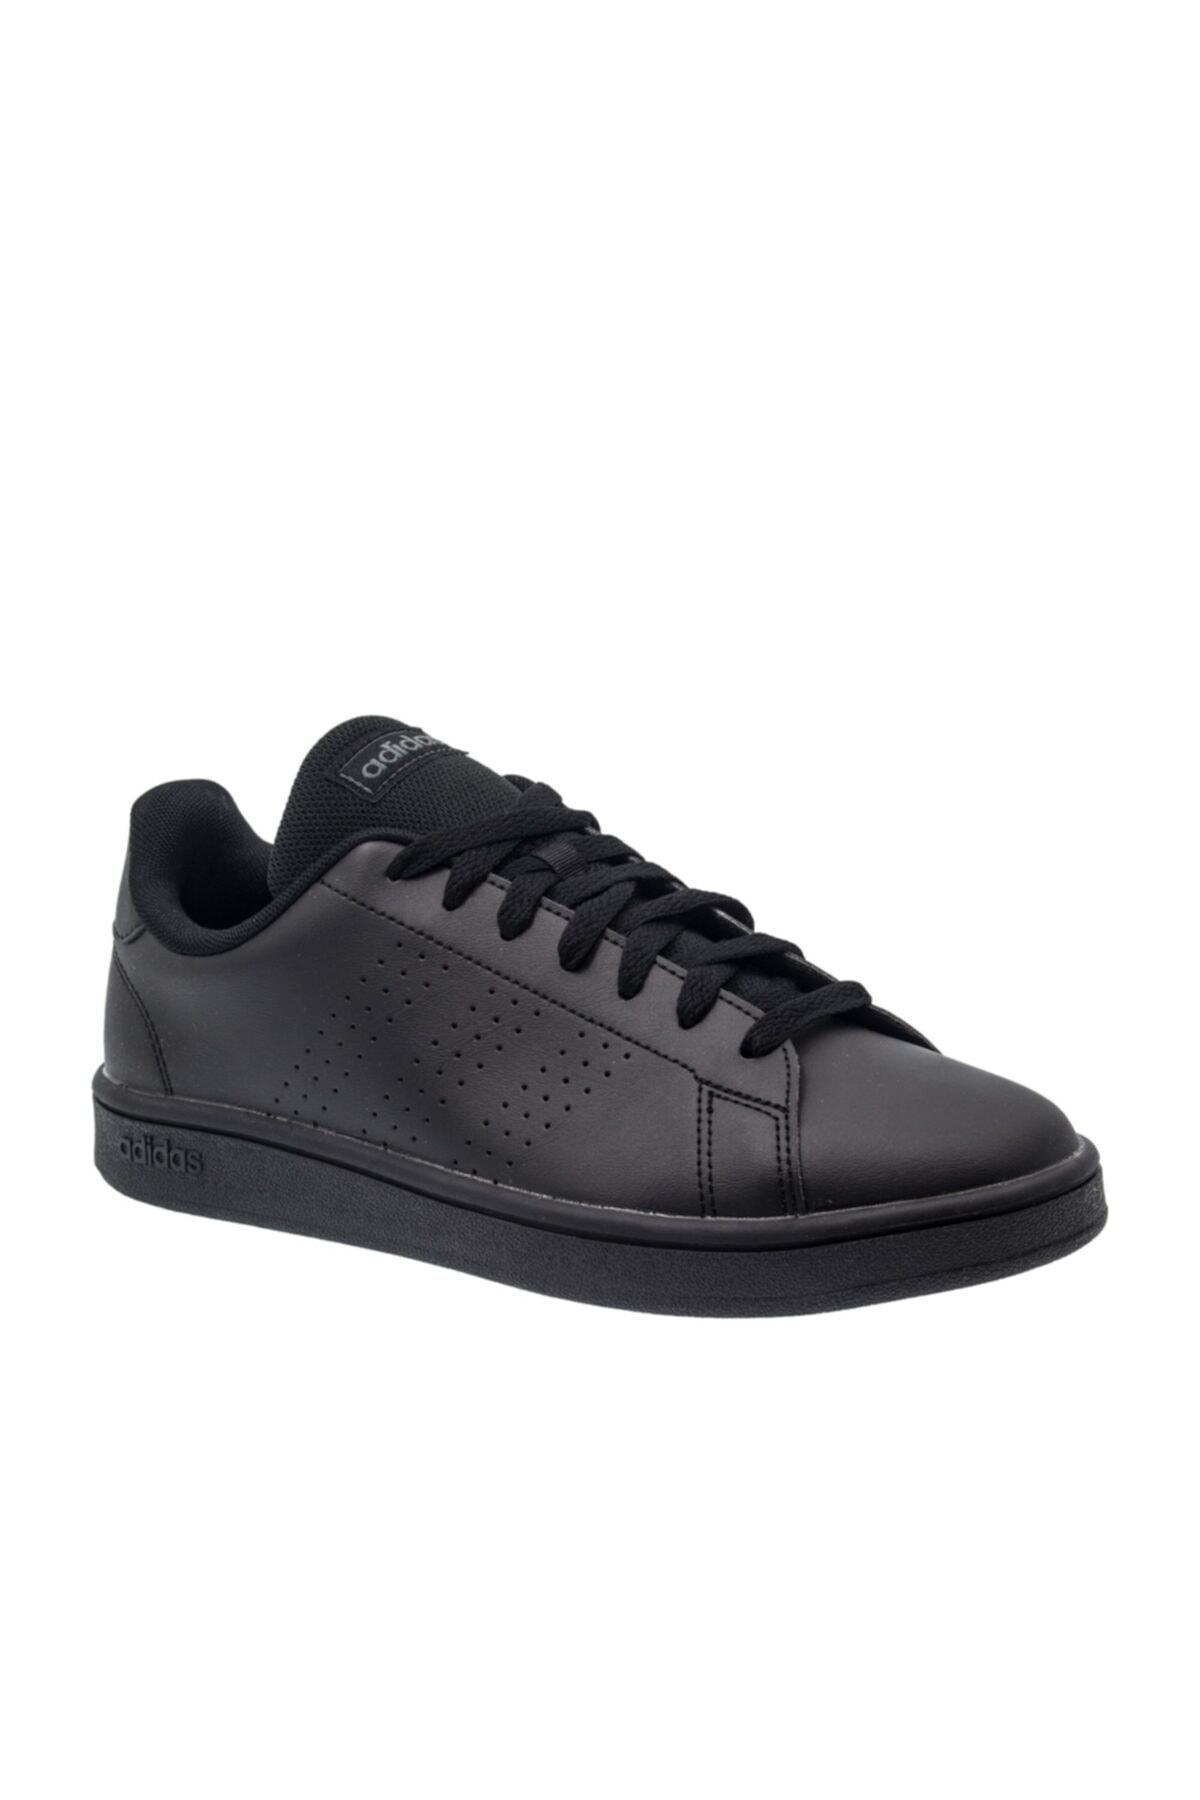 adidas Advantage Erkek Spor Ayakkabı Ee7693 1